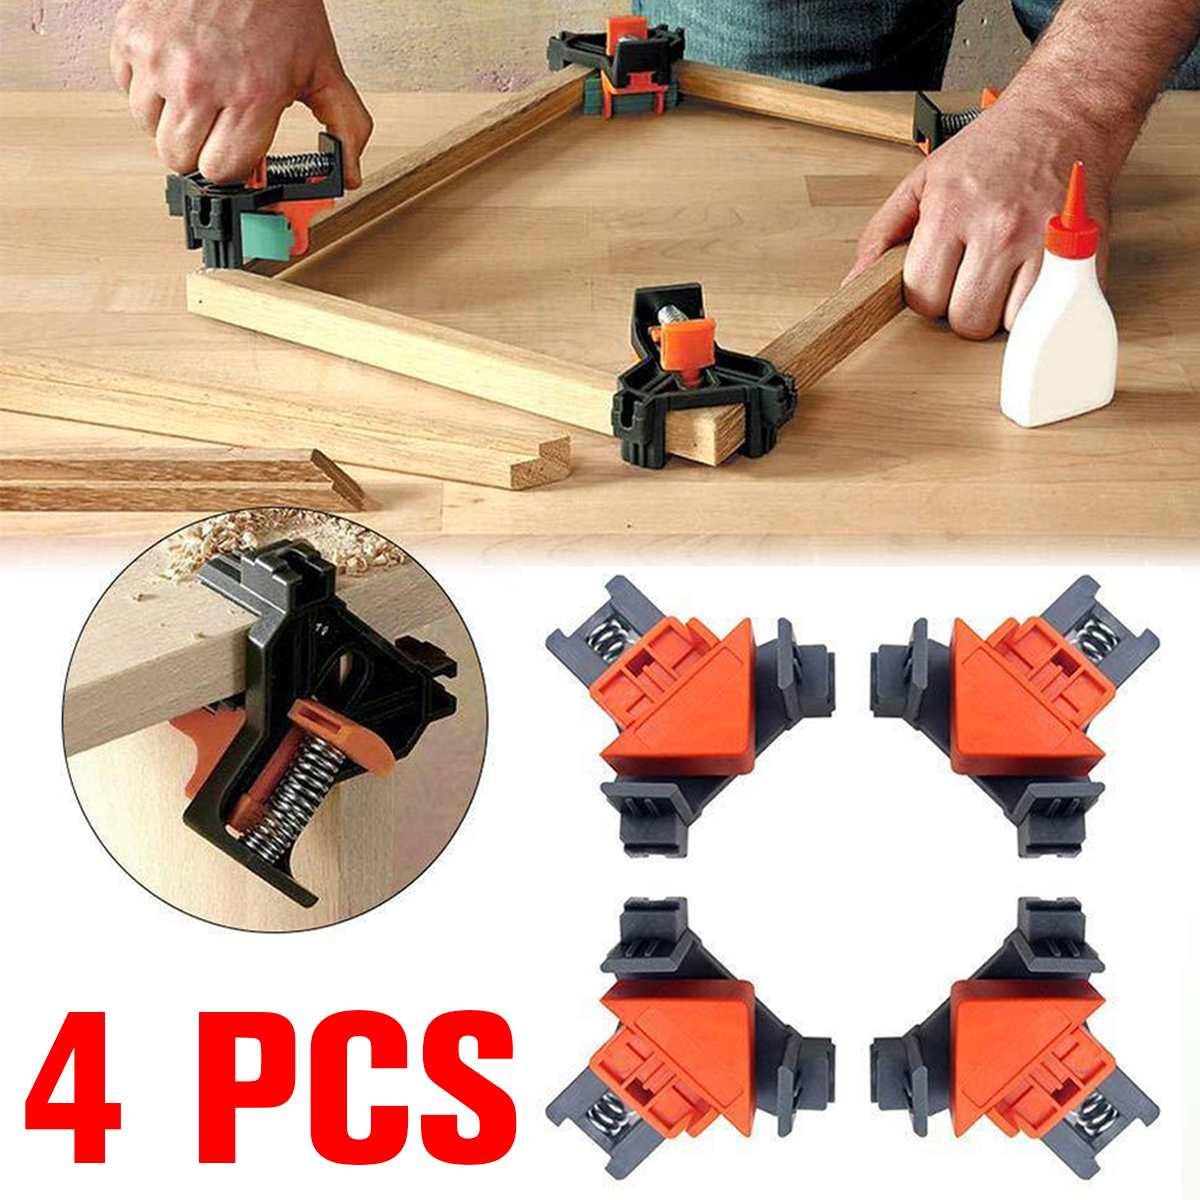 4 Uds. 90 grados ángulo recto esquina abrazadera fijador de clips Marco de imagen esquina abrazadera carpintería herramienta de mano ángulo abrazaderas